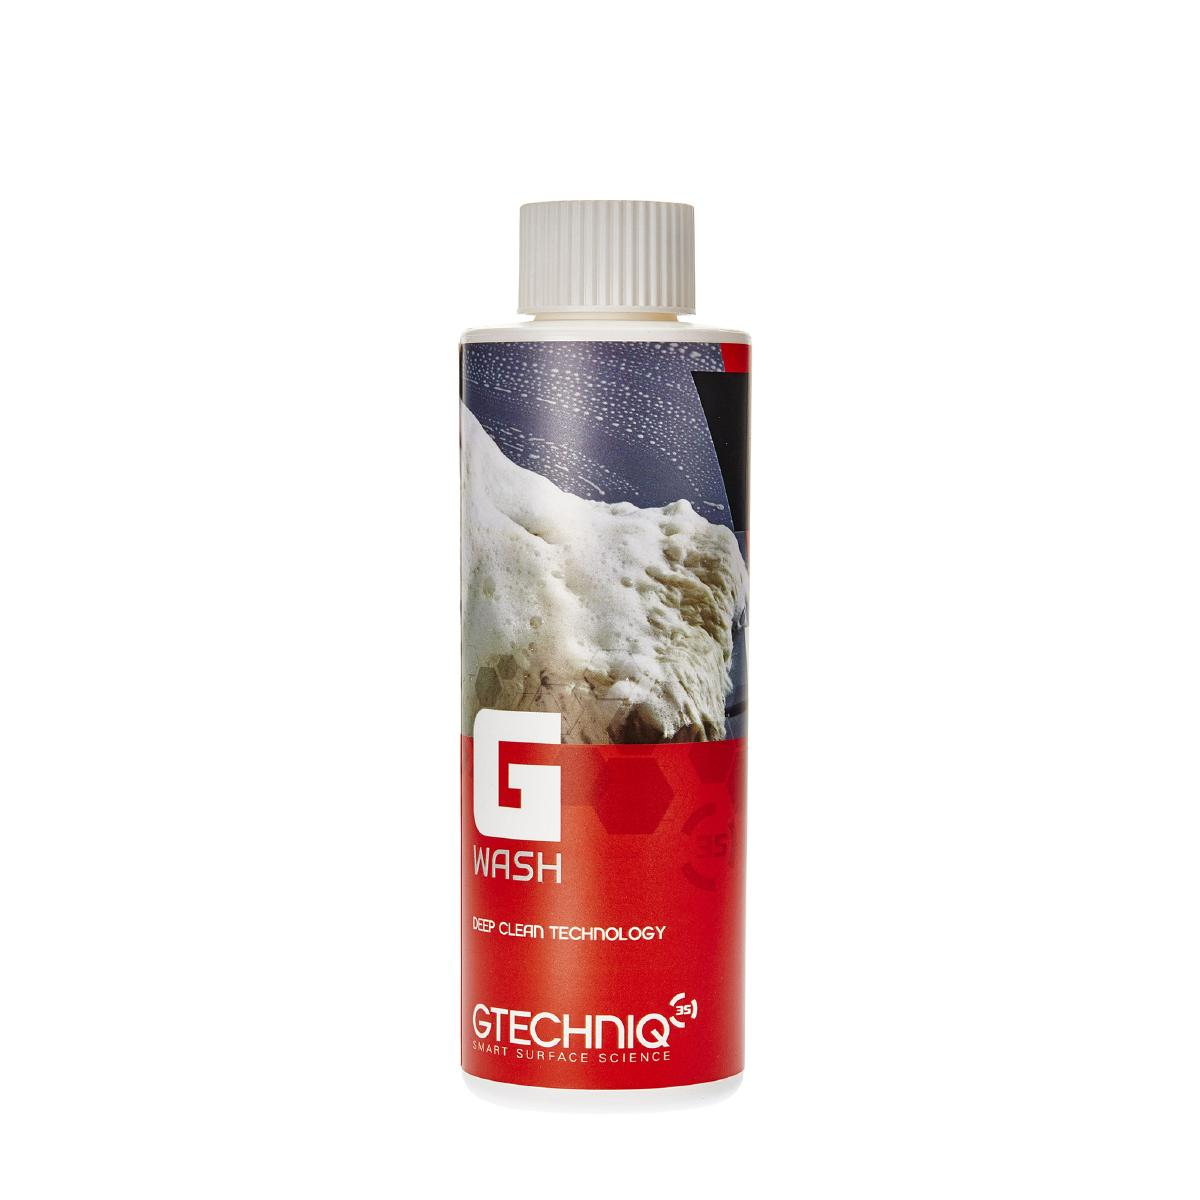 Bilschampo Gtechniq G-Wash, 250 ml